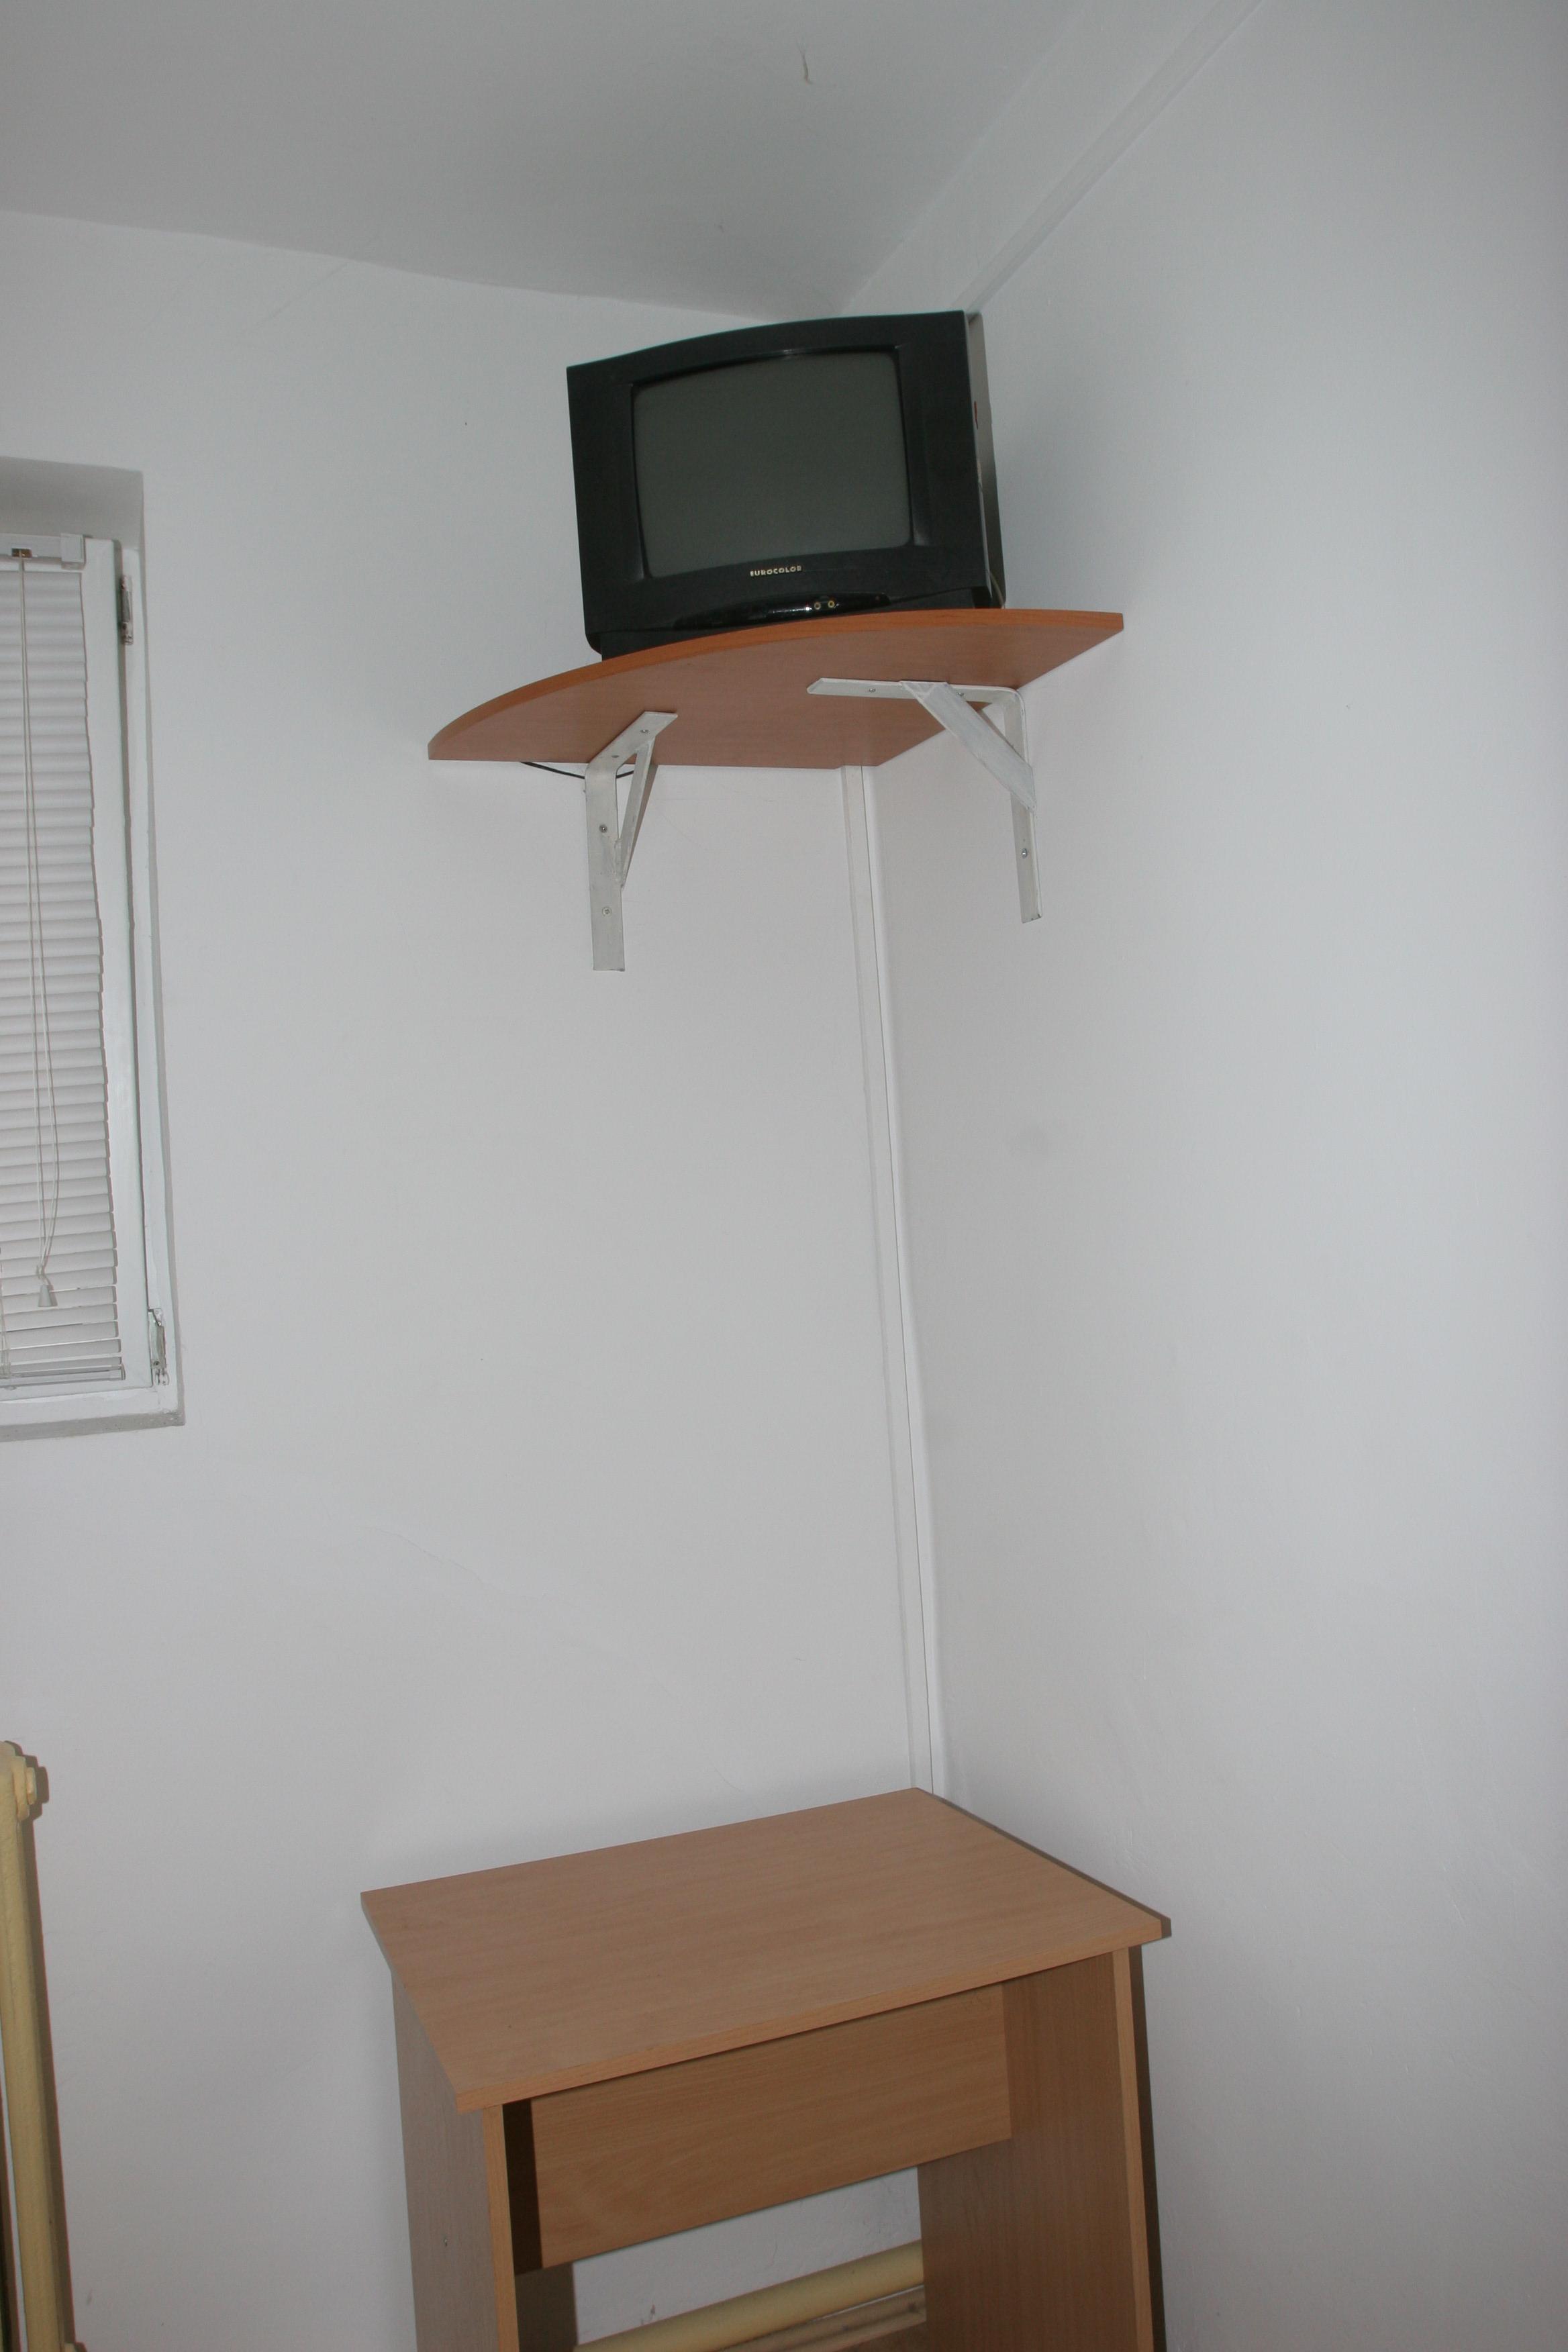 Incaperea este dotata cu un televizor in incercarea de a reconstitui cat mai fidel un dormitor conjugal